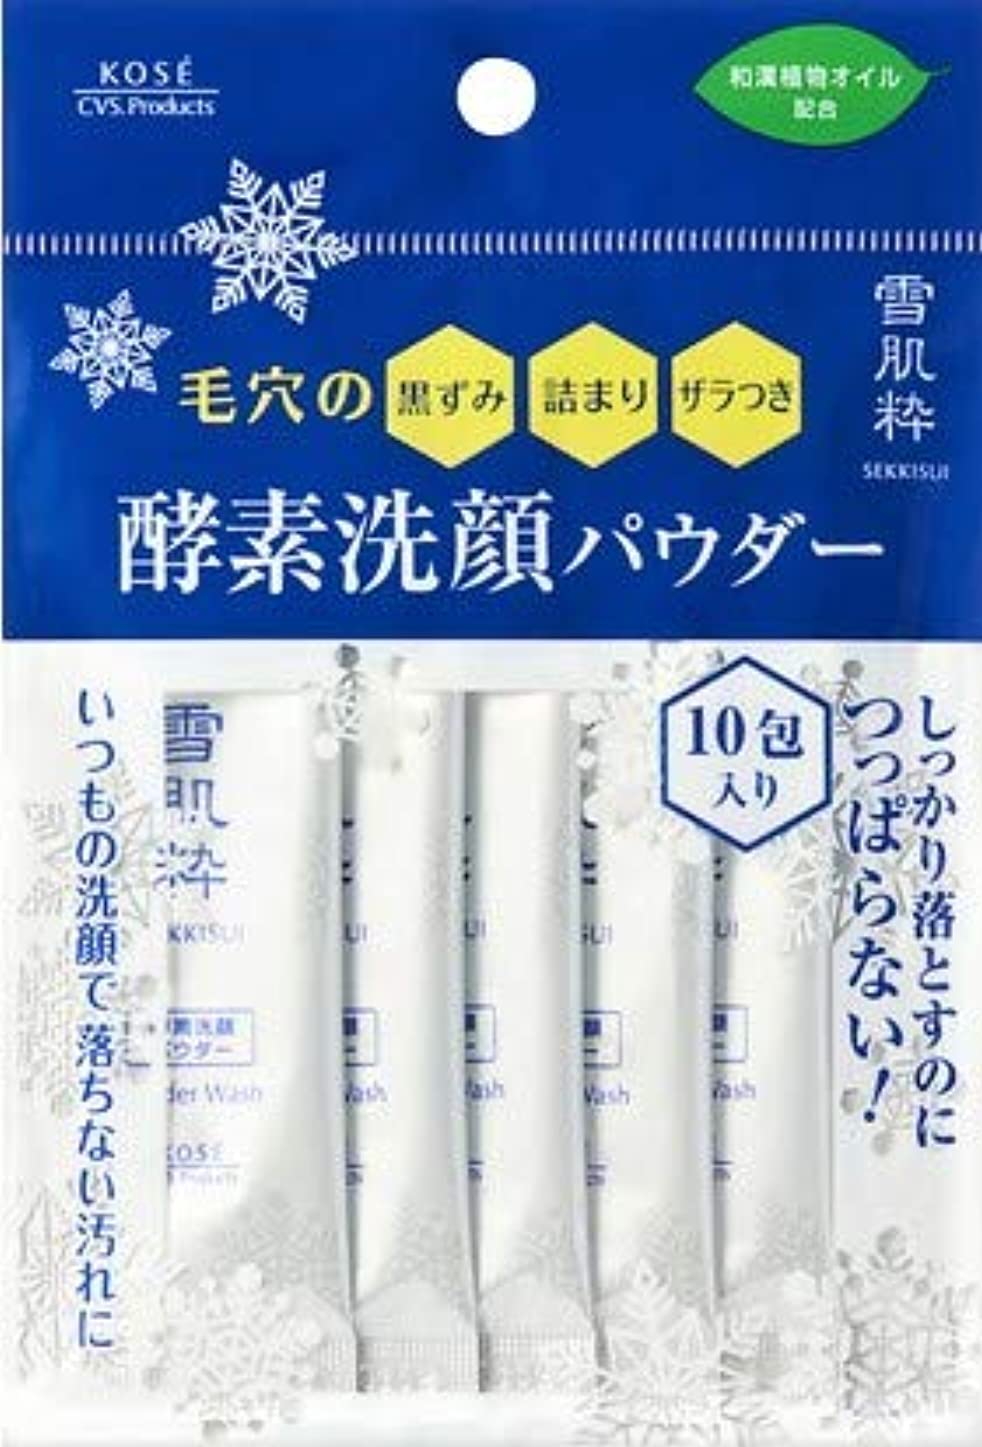 ファイアル添加剤おそらく10包入り 雪肌粋 酵素洗顔パウダー